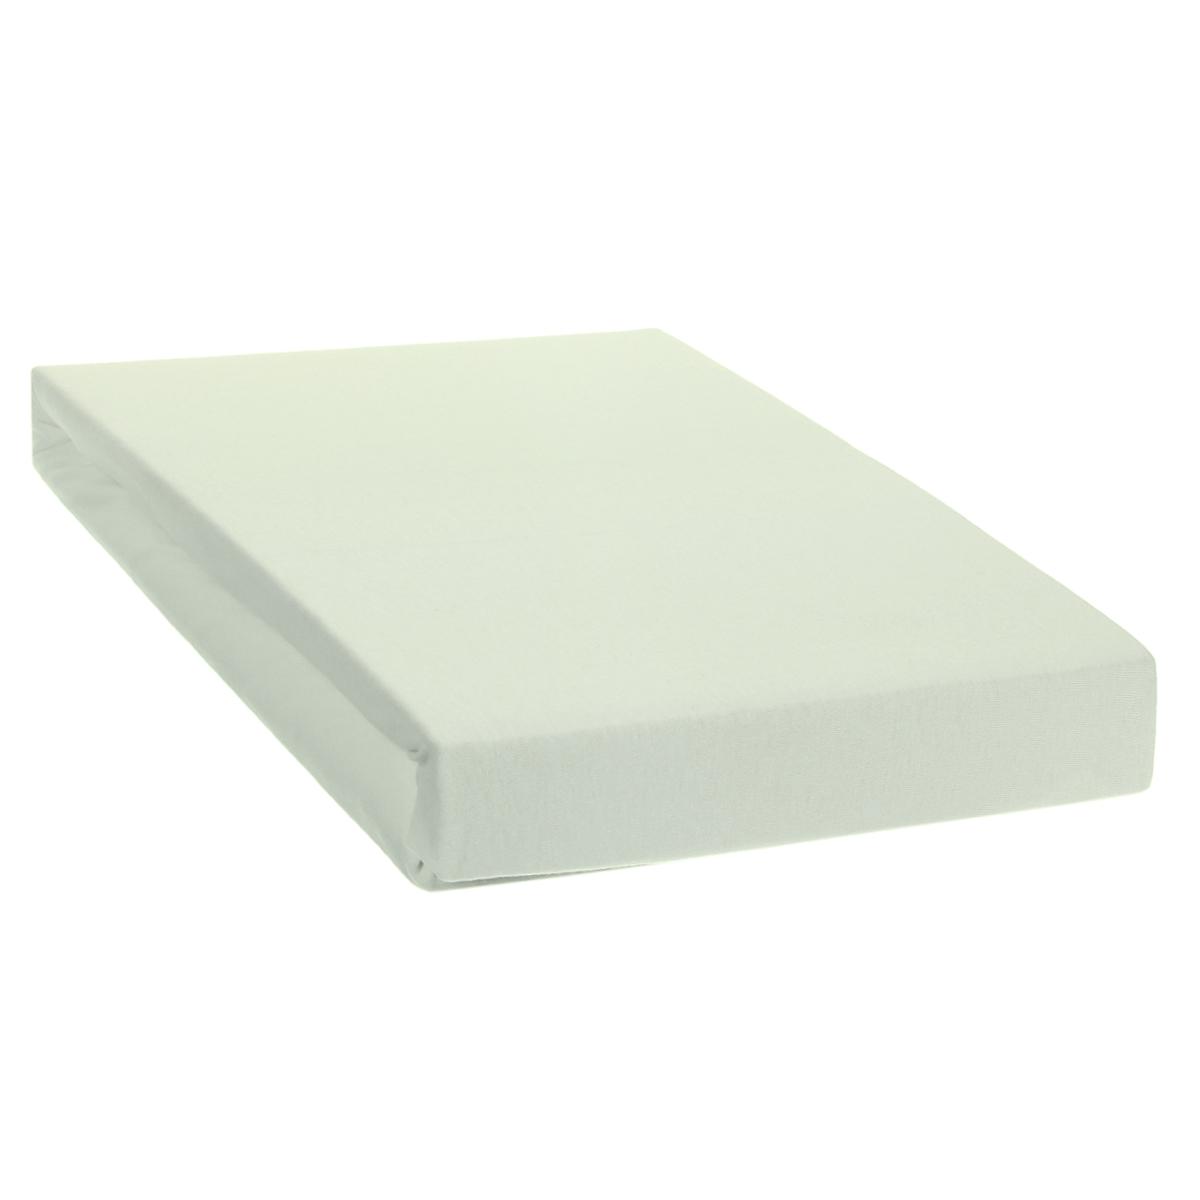 Простыня на резинке Tete-a-Tete, цвет: весенний луг, 200 см х 200 см16050Однотонная простыня на резинке Tete-a-Tete выполнена из натурального хлопка. Высочайшее качество материала гарантирует безопасность не только взрослых, но и самых маленьких членов семьи. Простыня гармонично впишется в интерьер вашего дома и создаст атмосферу уюта и комфорта.Особенности коллекции Tete-a-Tete:- выдерживает более 100 стирок практически без изменения внешнего вида,- модные цвета и стойкие оттенки,- минимальная усадка,- надежные резинки и износостойкая ткань,- безупречное качество,- гиппоаллергенно.Коллекция Tete-a-Tete специально создана для практичных людей, которые ценят качество и долговечность вещей, окружают своих близких теплотой и заботой.